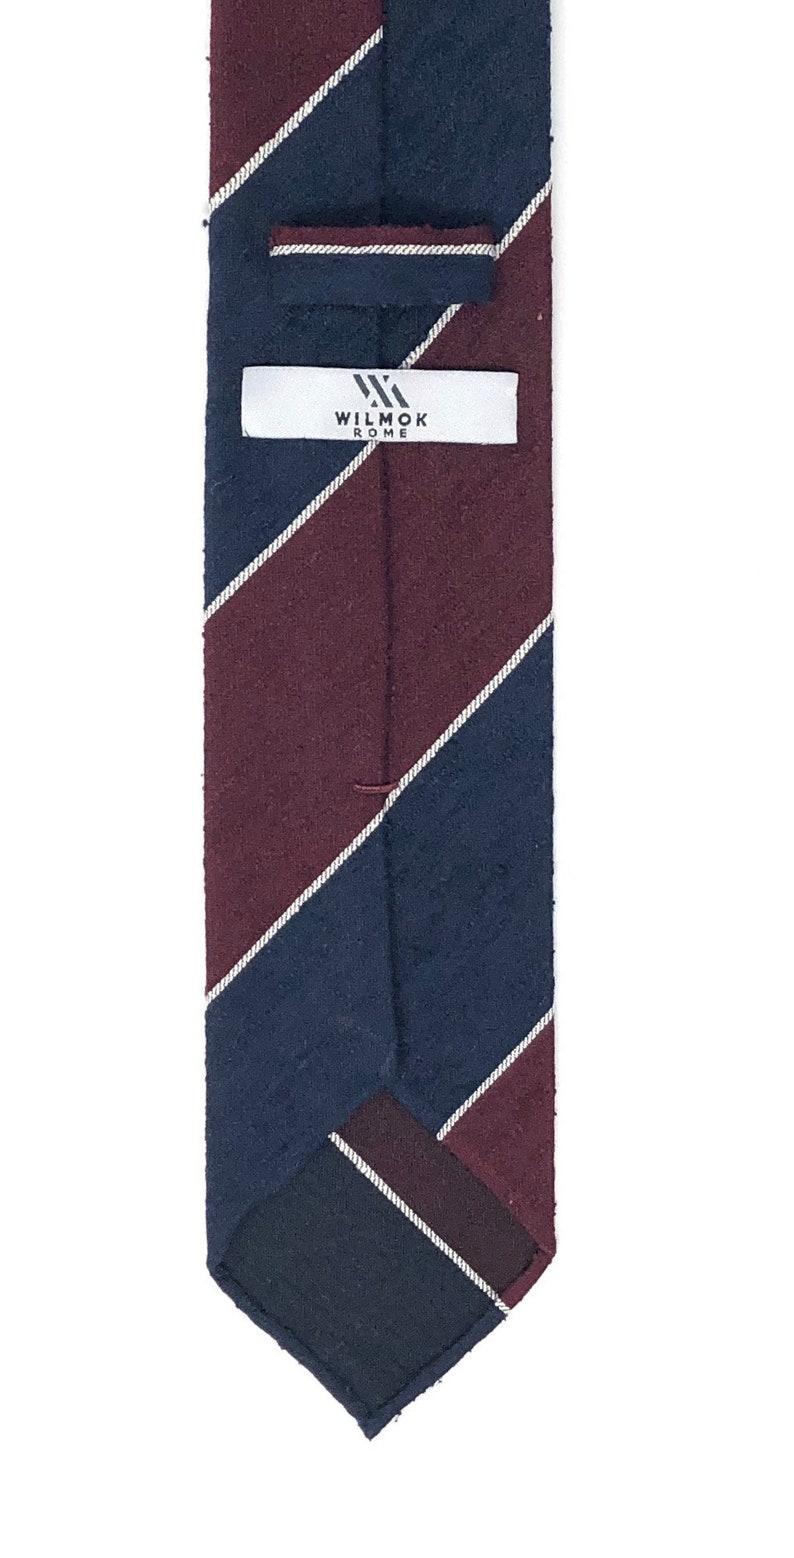 Shantung Untipped Block Striped Navy Maroon Tie